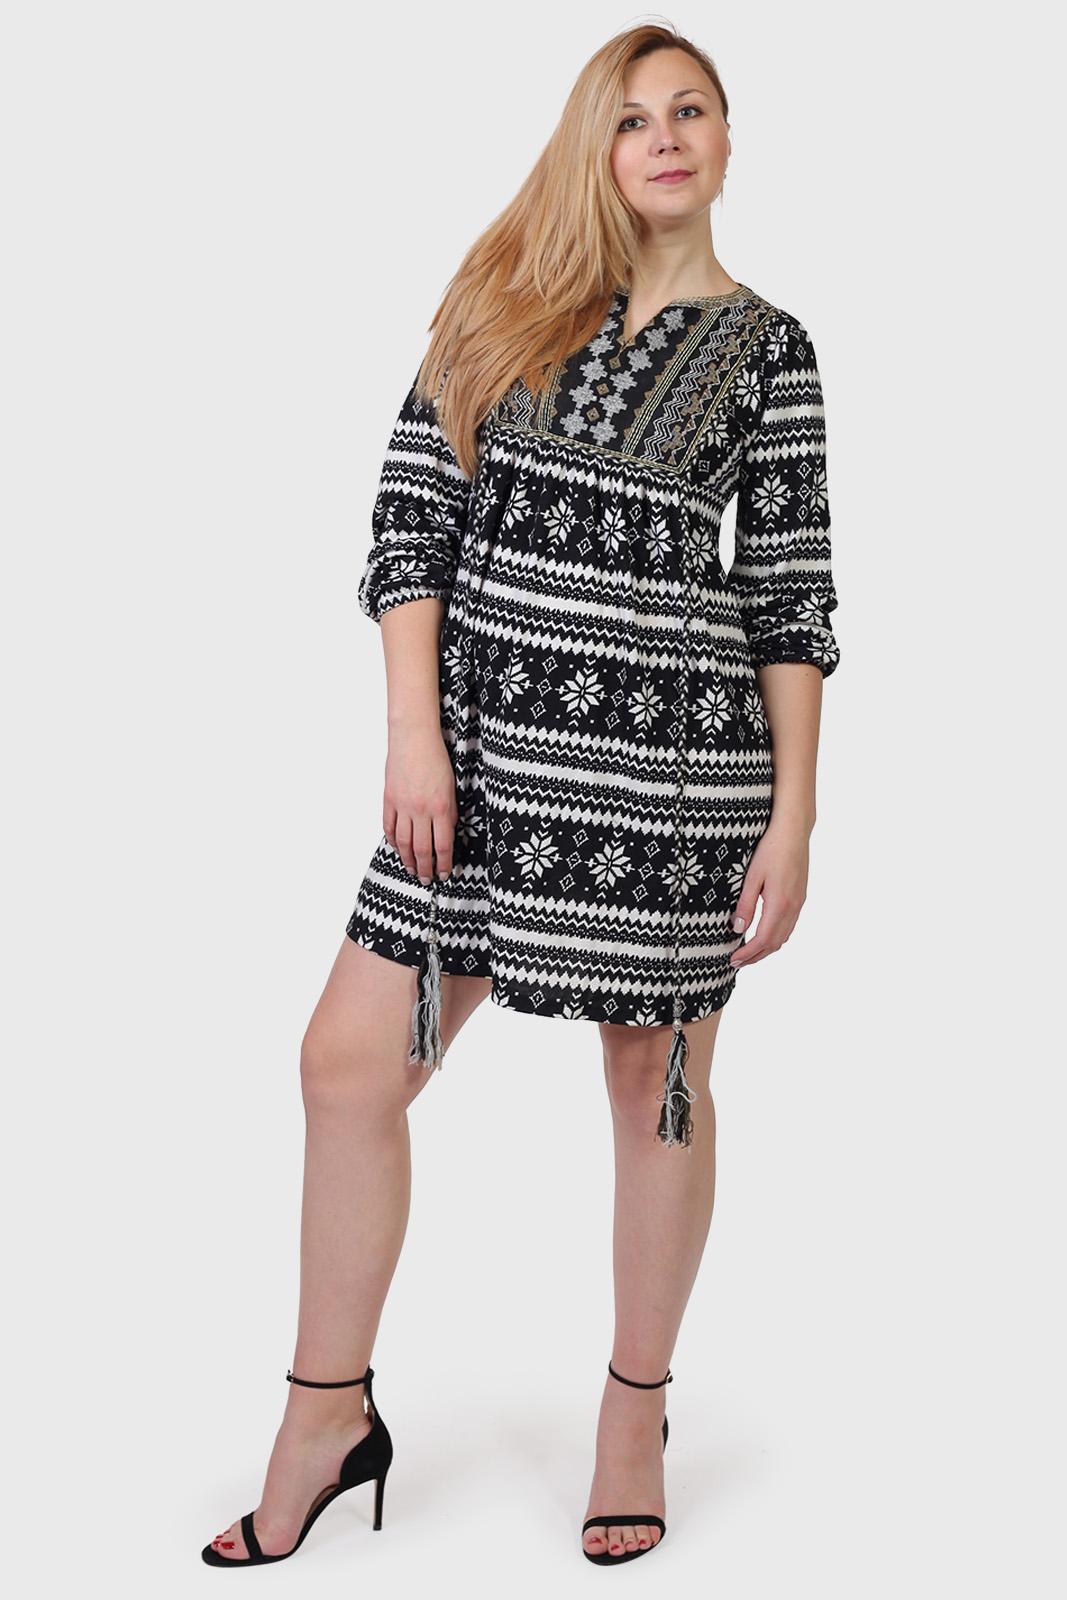 Недорогие платья и туники на сайте Военпро